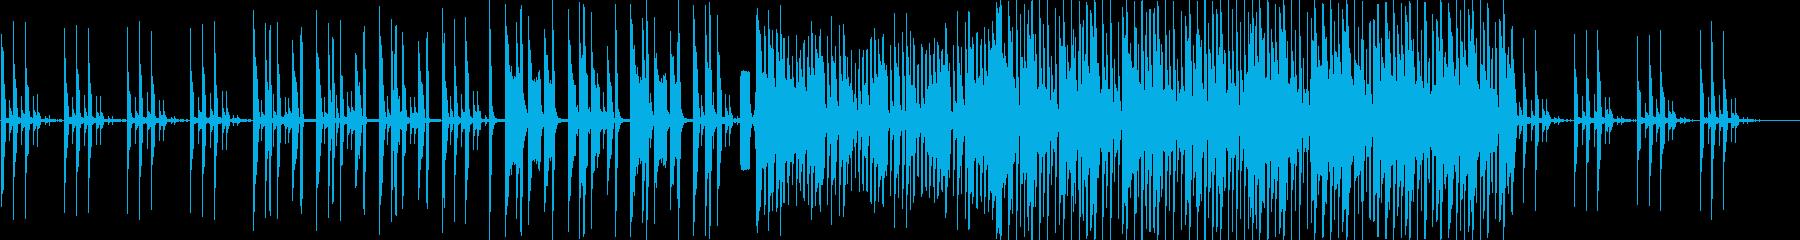 エレクトロEDMの再生済みの波形